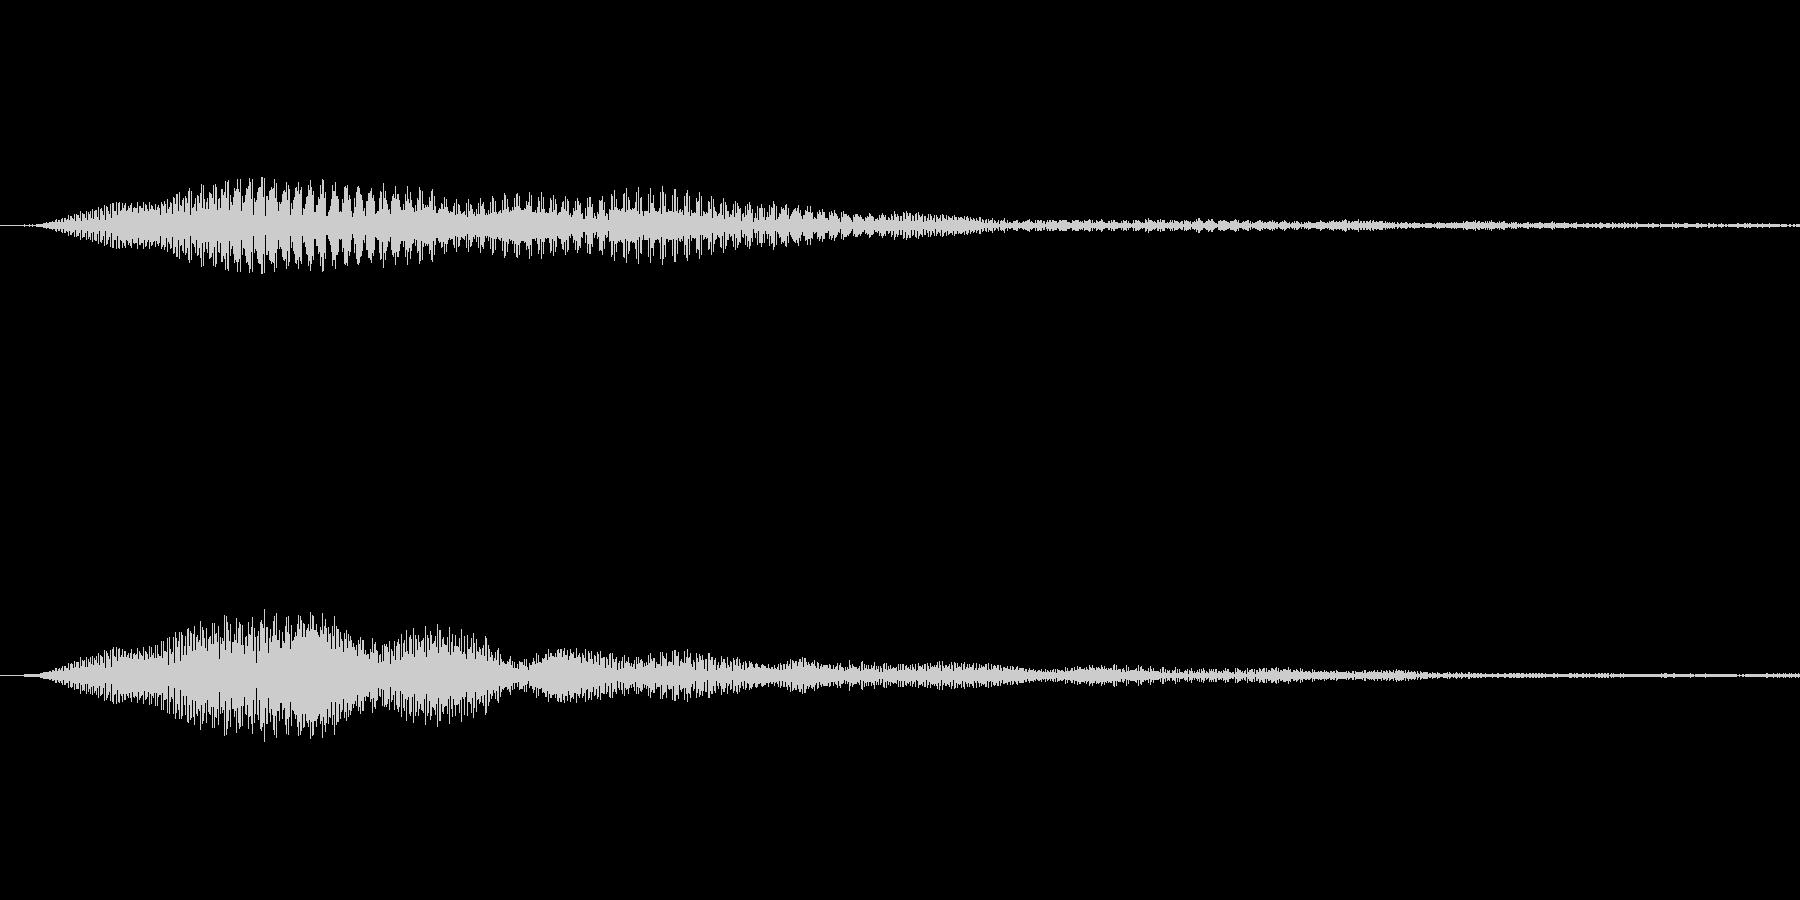 エレクトリックで神秘的なボタン音の未再生の波形